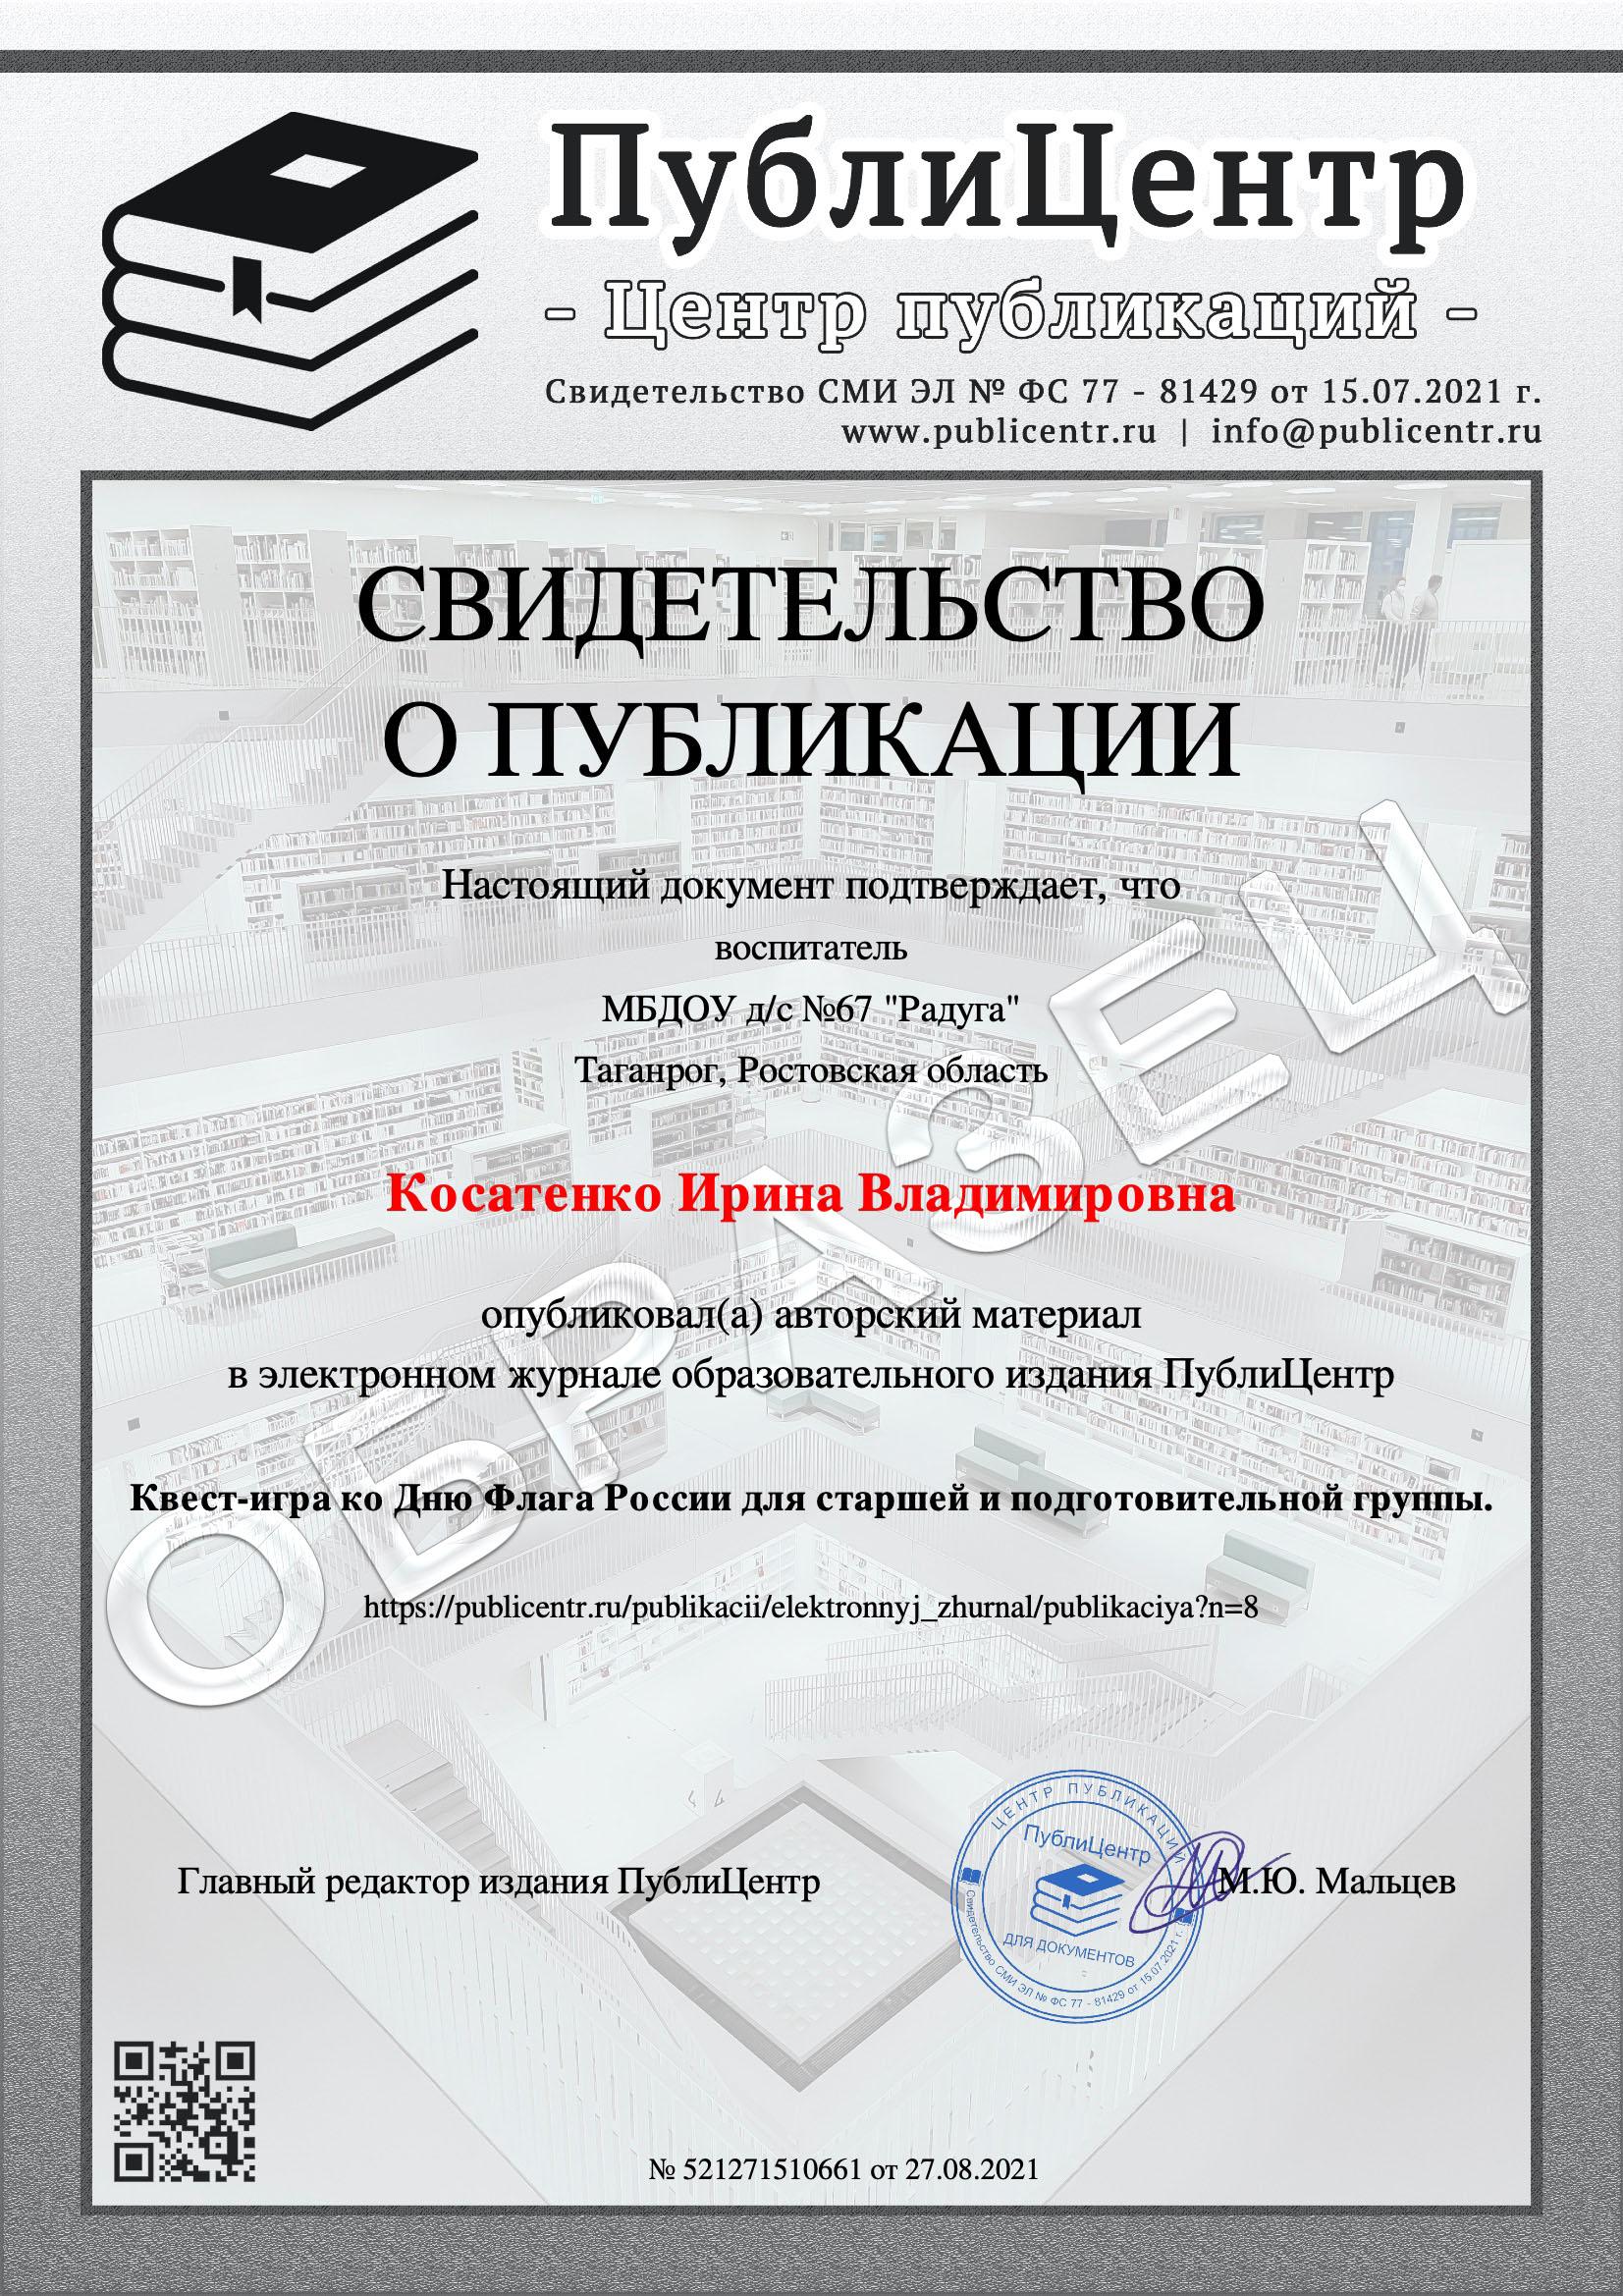 Образец документа за публикацию в электронном журнале ПублиЦентр.